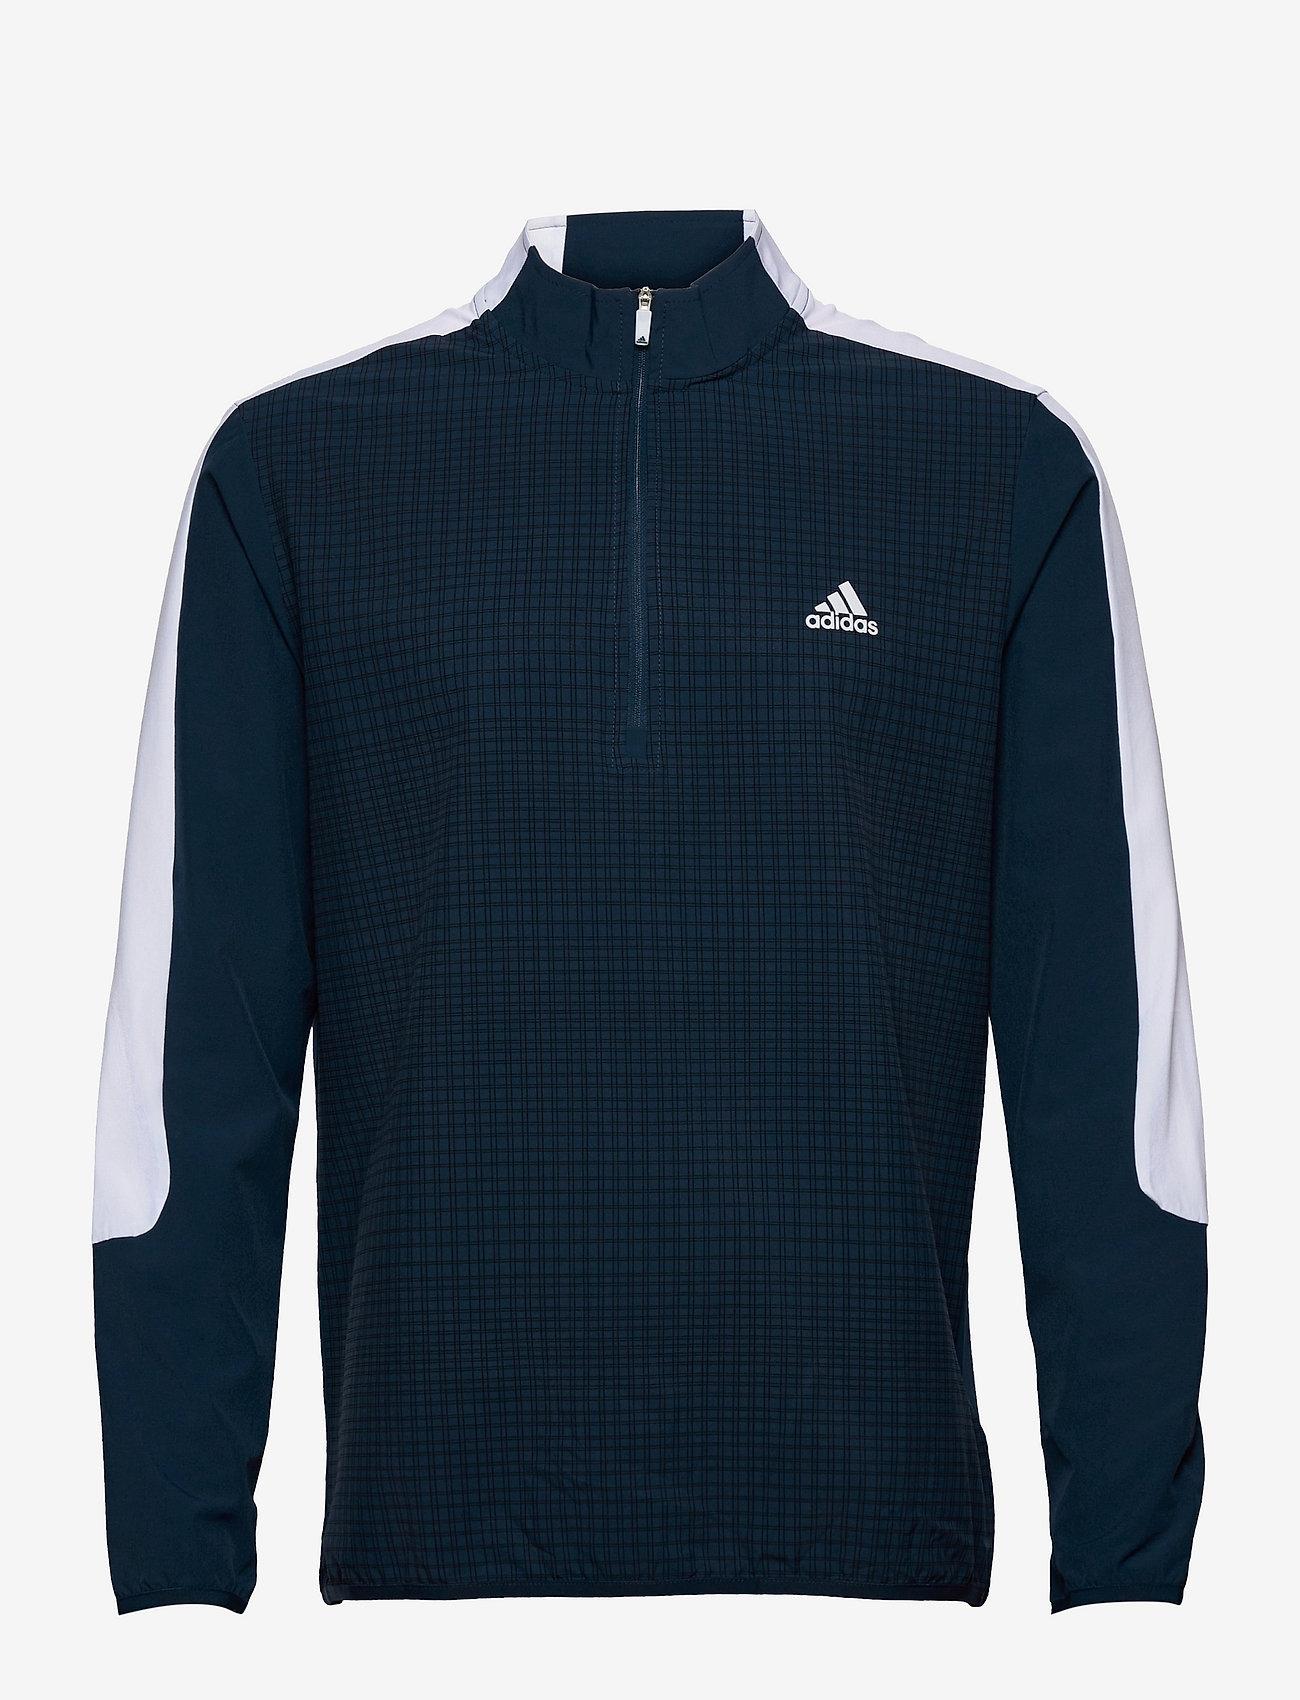 adidas Golf - PRINT 1/4 ZIP - sweats - crenav/black - 1